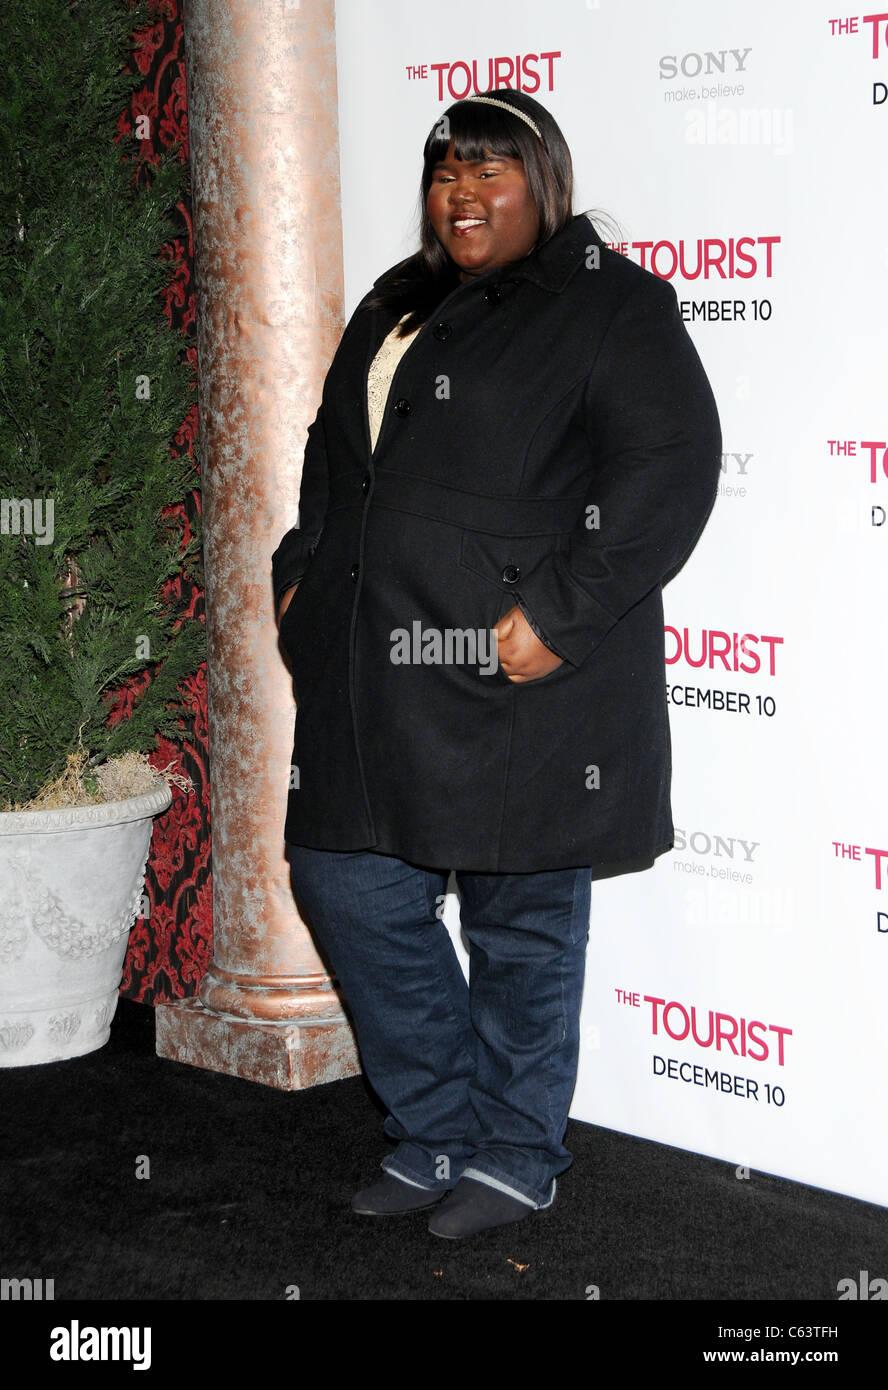 Gabriel Sidibe presso gli arrivi per il turista Premiere, il Teatro Ziegfeld, New York, NY Dicembre 6, 2010. Foto Immagini Stock